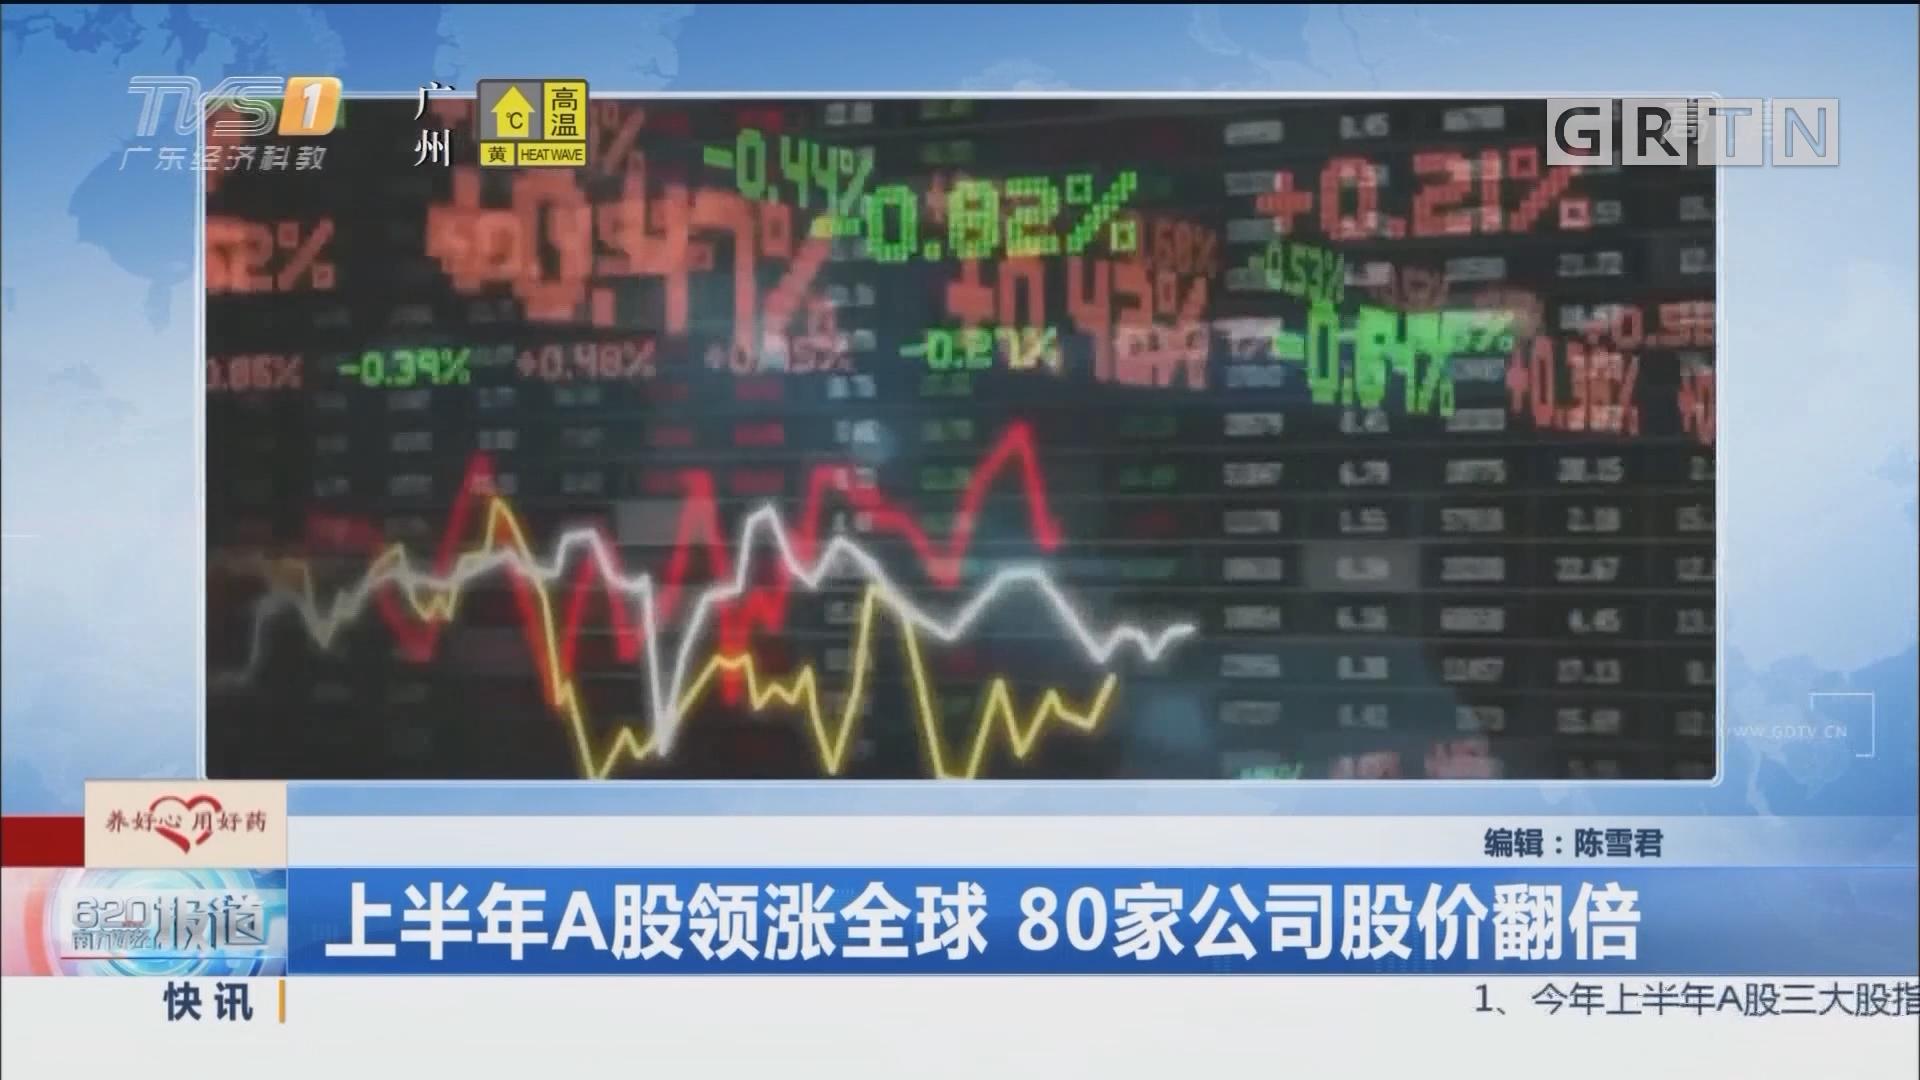 上半年A股领涨全球 80家公司股价翻倍